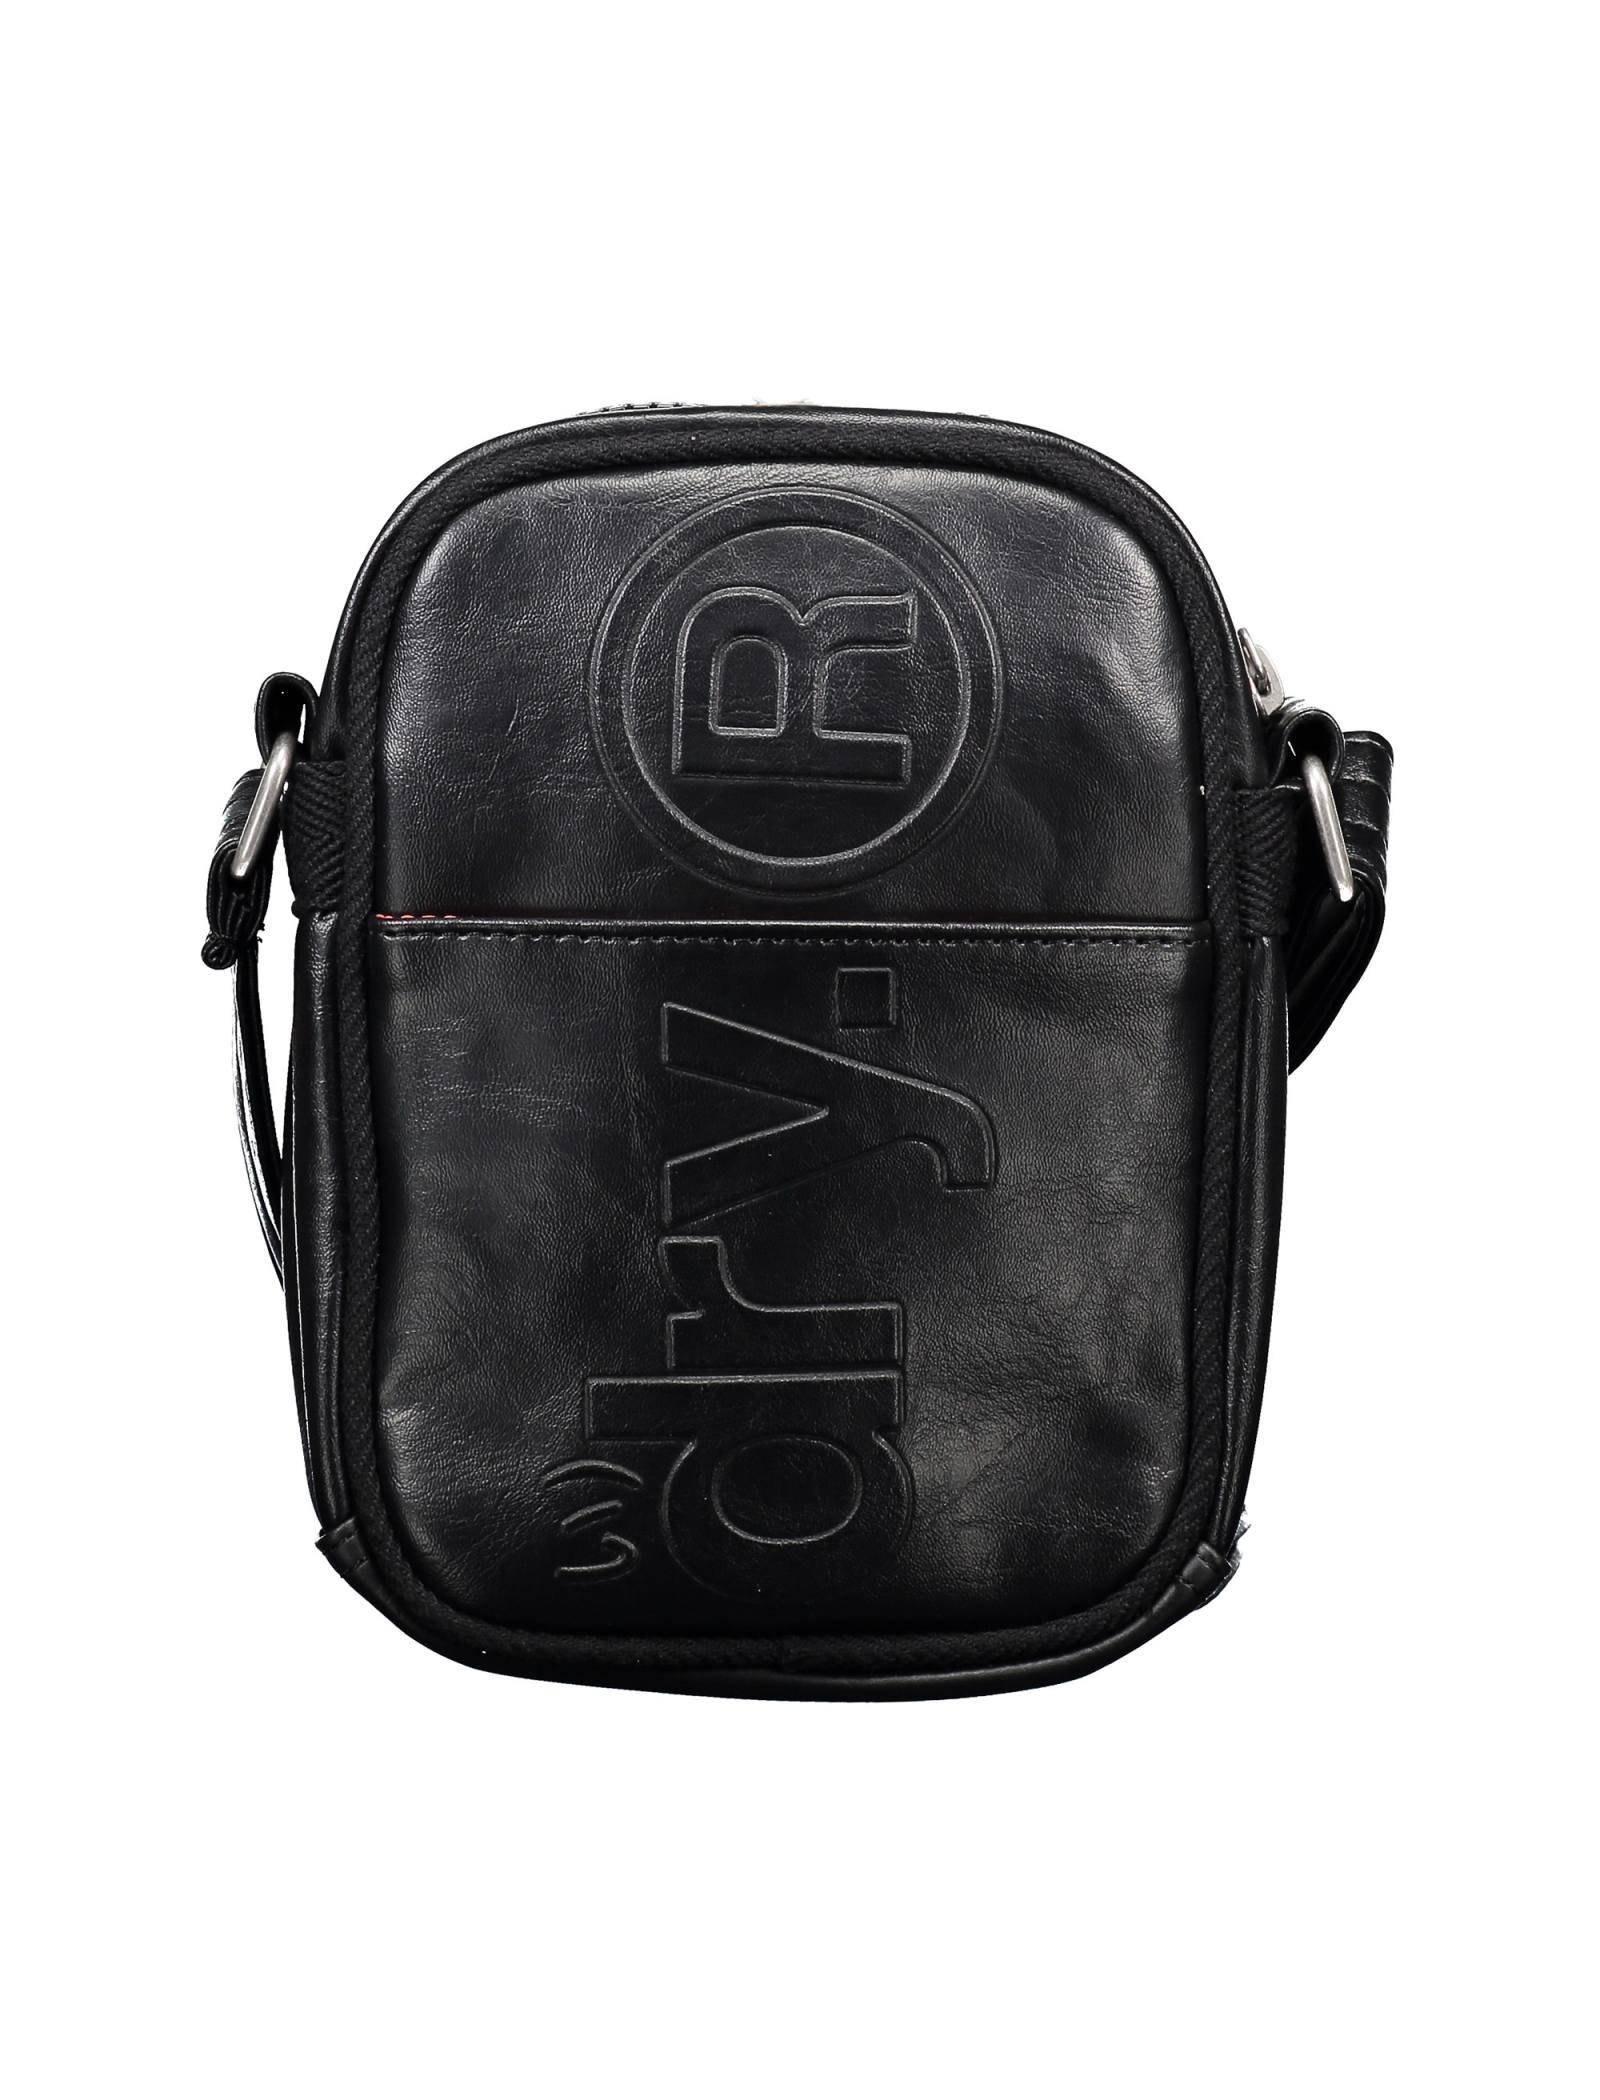 کیف دوشی روزمره بزرگسال - سوپردرای - Black - 1